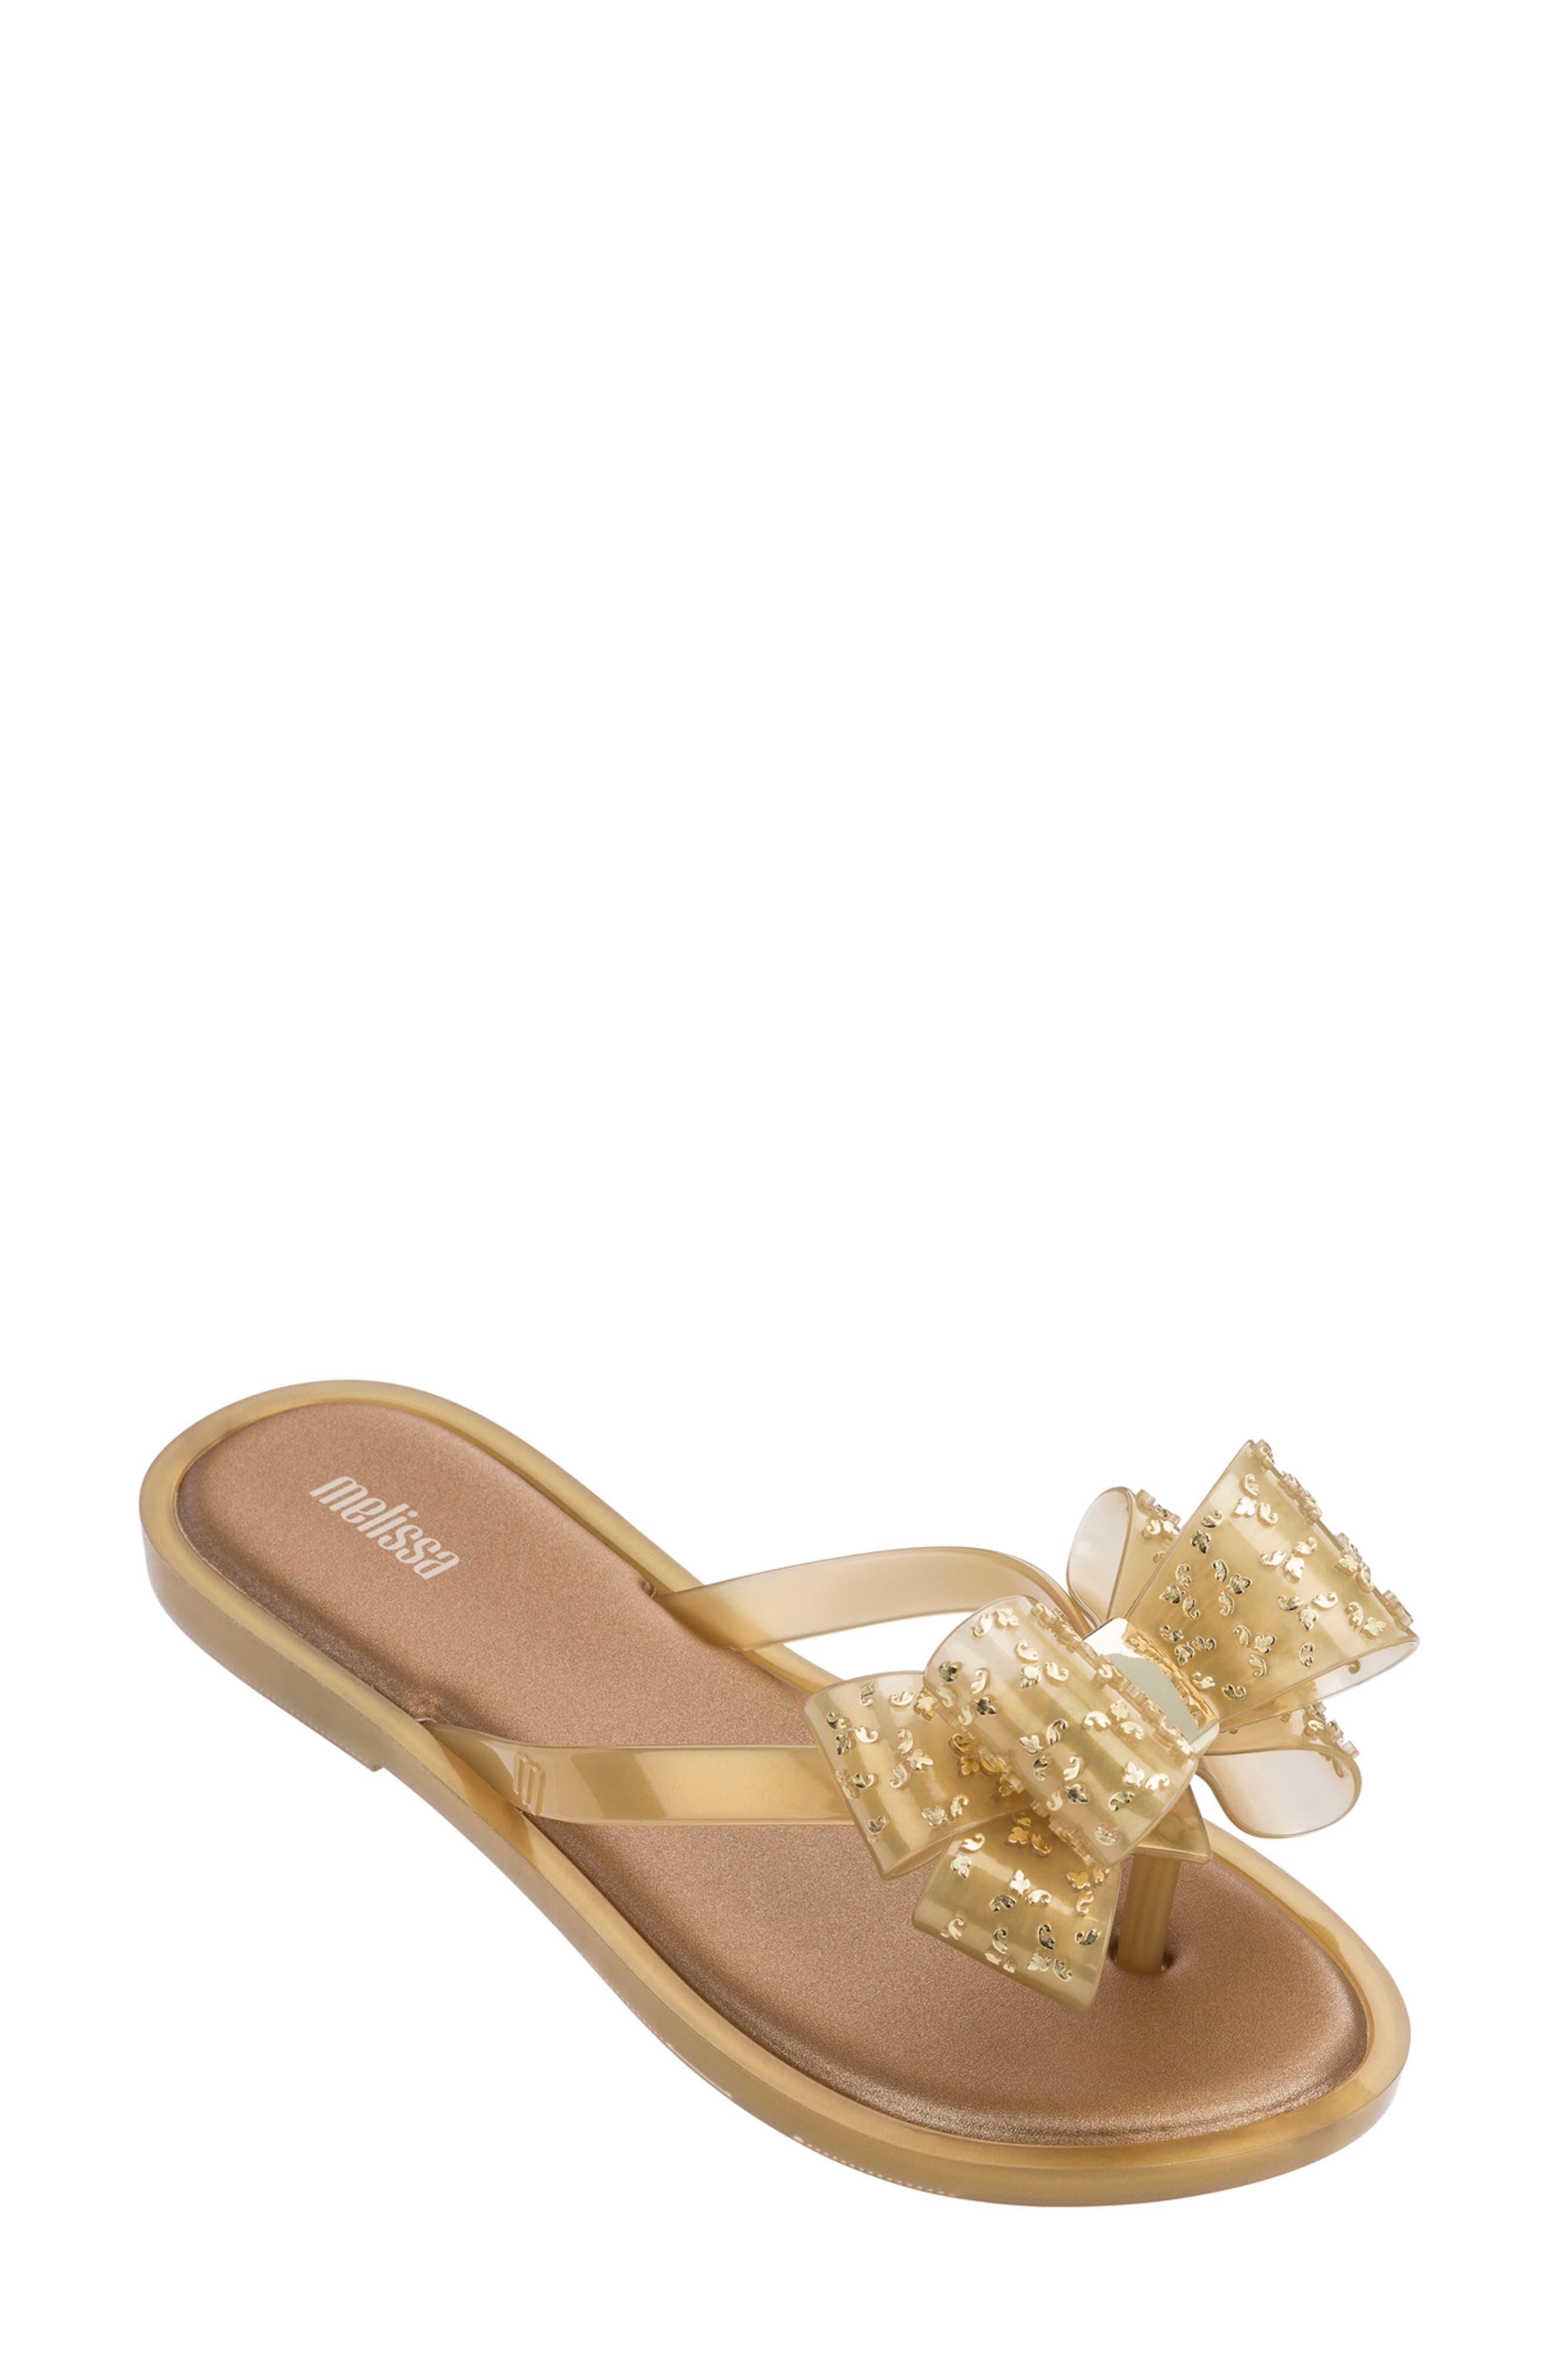 Melissa Sweet Flip Flop, Metallic